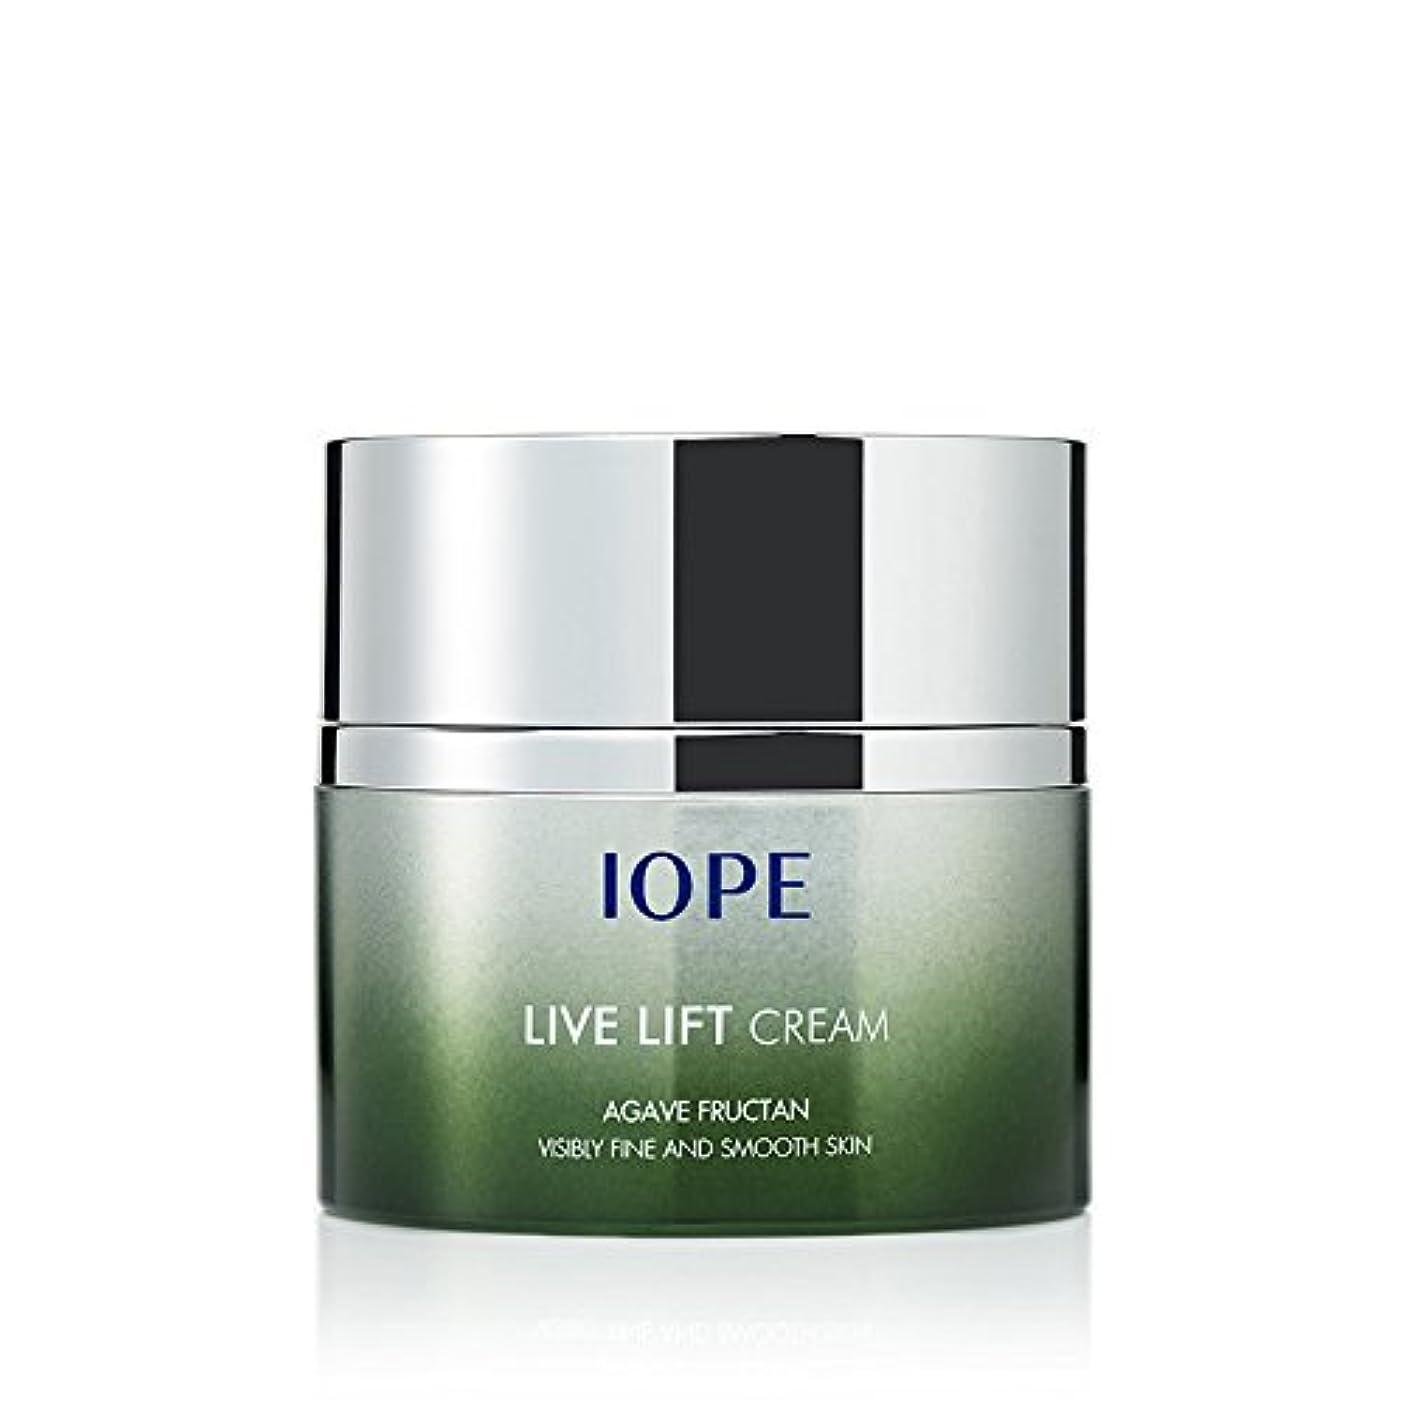 アンペアラフ価格[IOPE/アイオペ]Live Lift Cream/ライブリフトクリームコスメ 韓国コスメSkinGarden/スキンガーデン